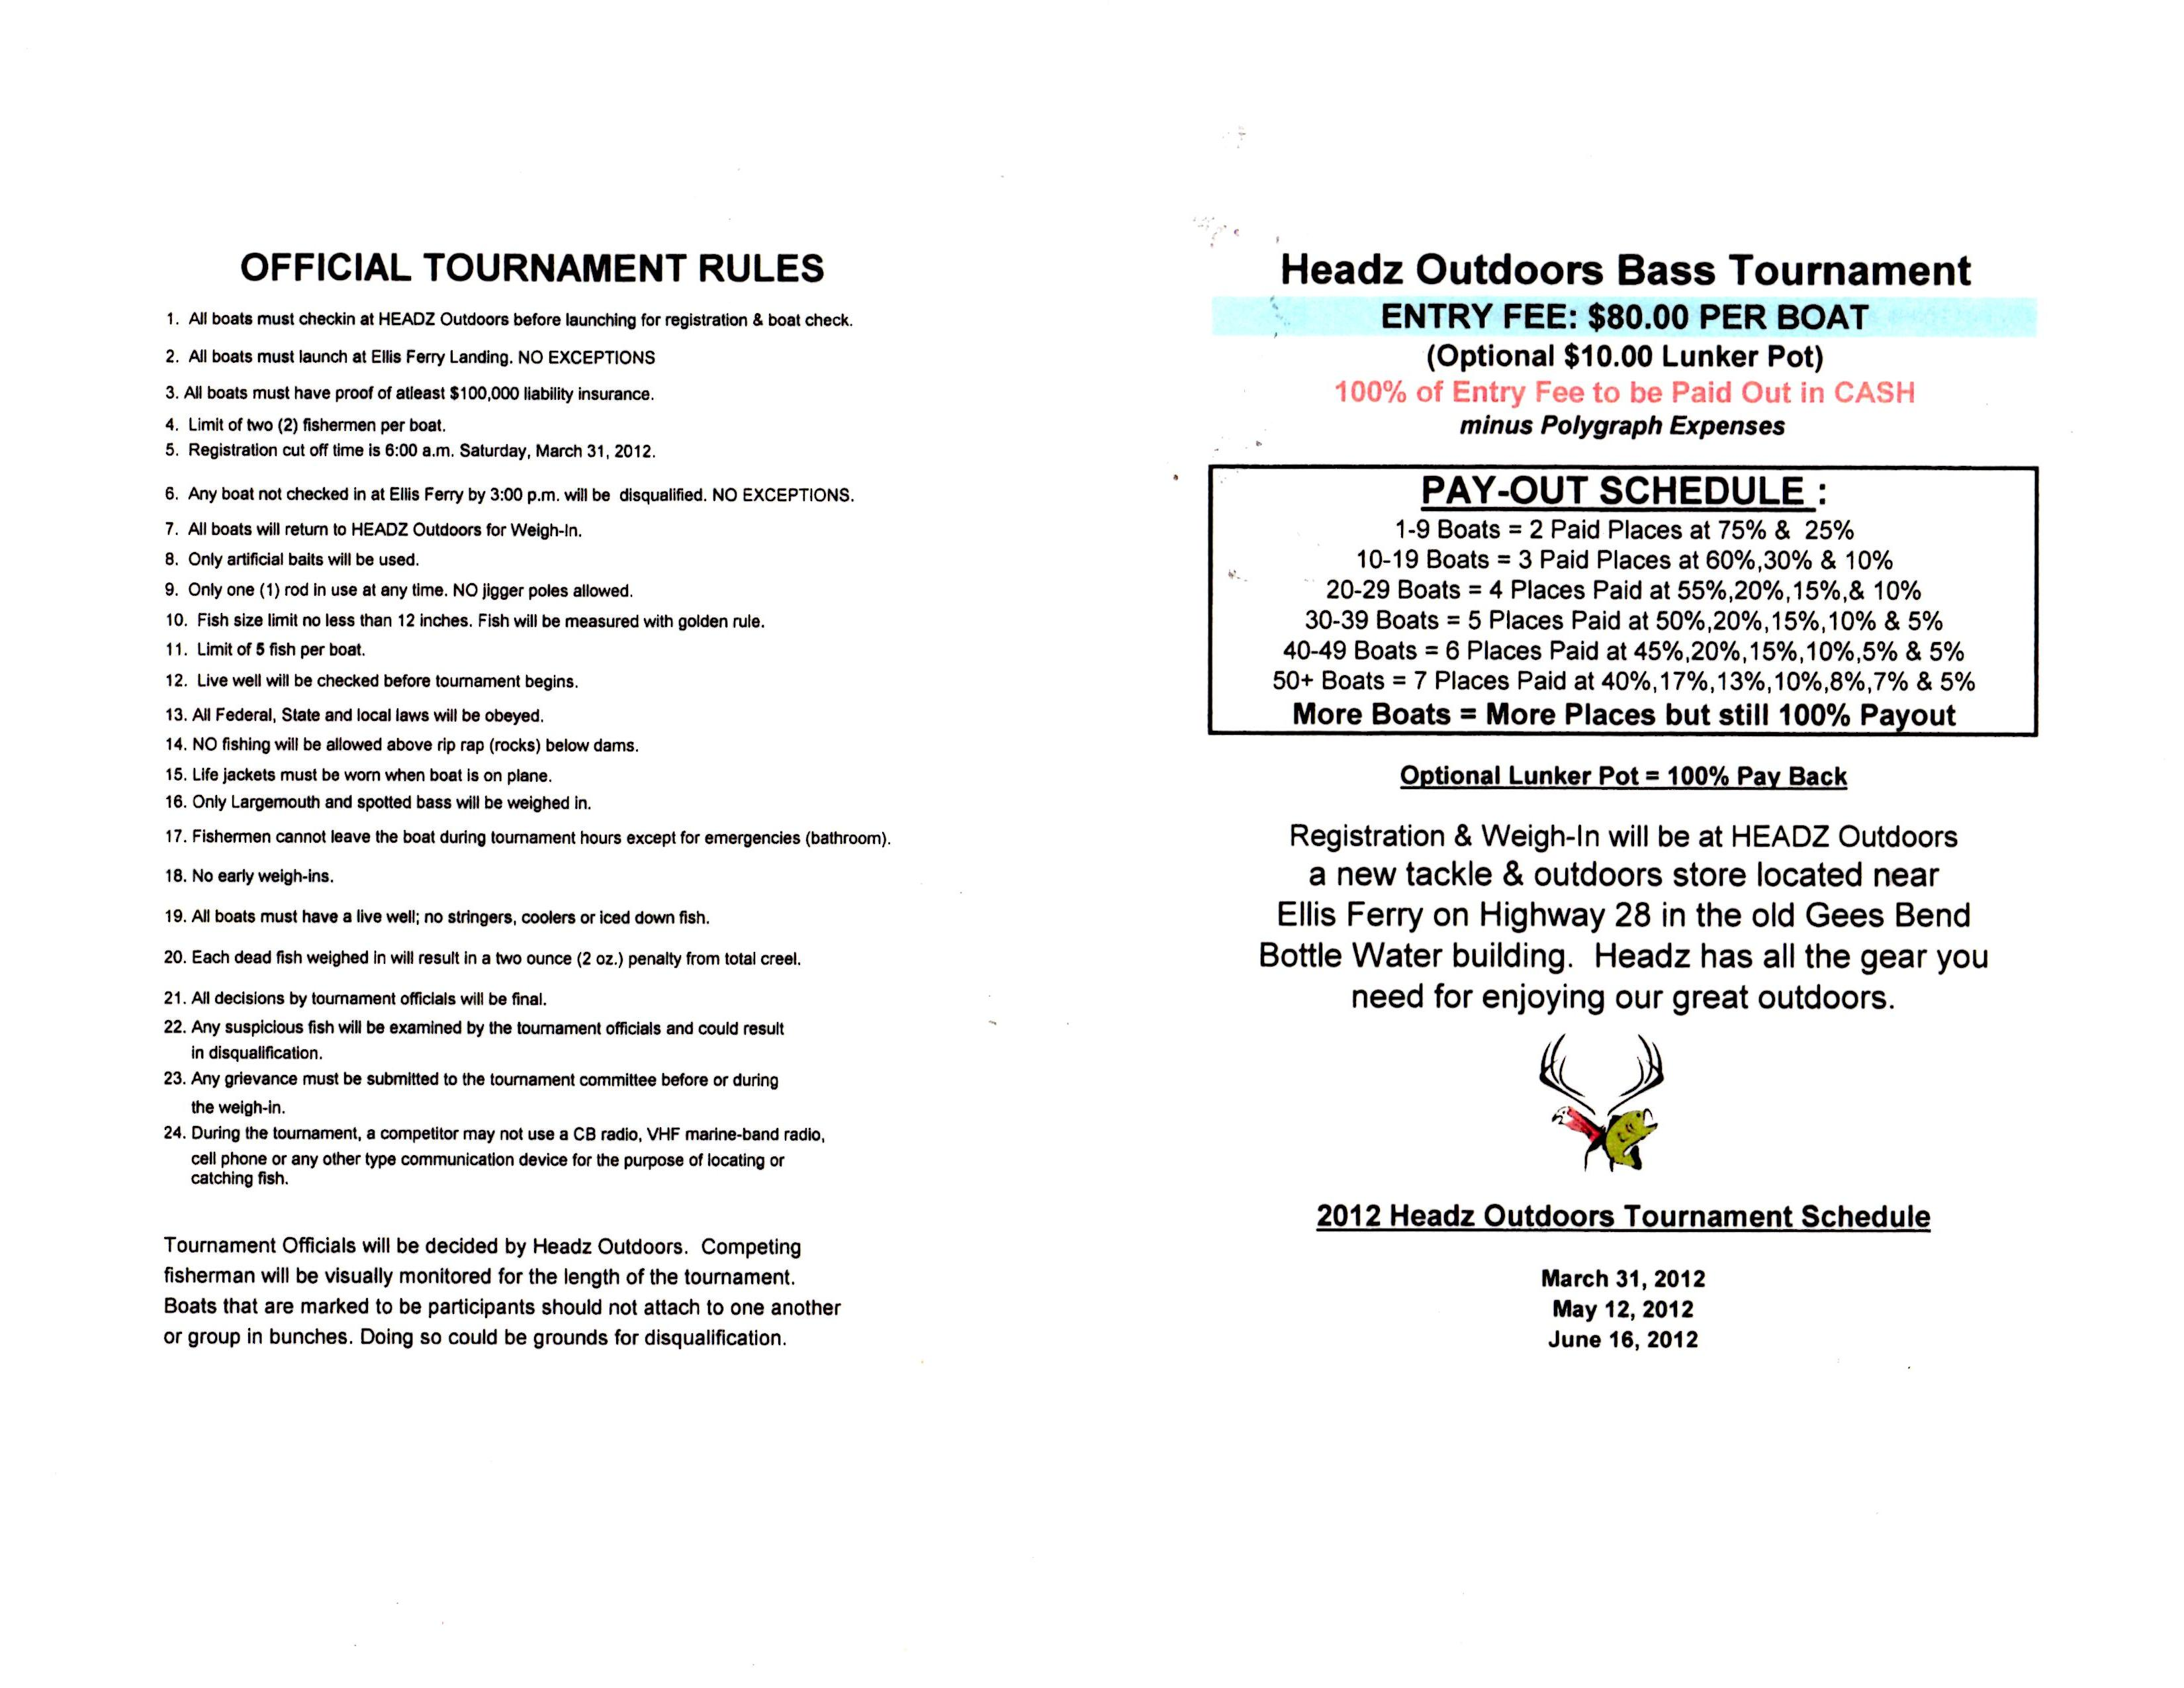 Headz Outdoors Bass Tournament1